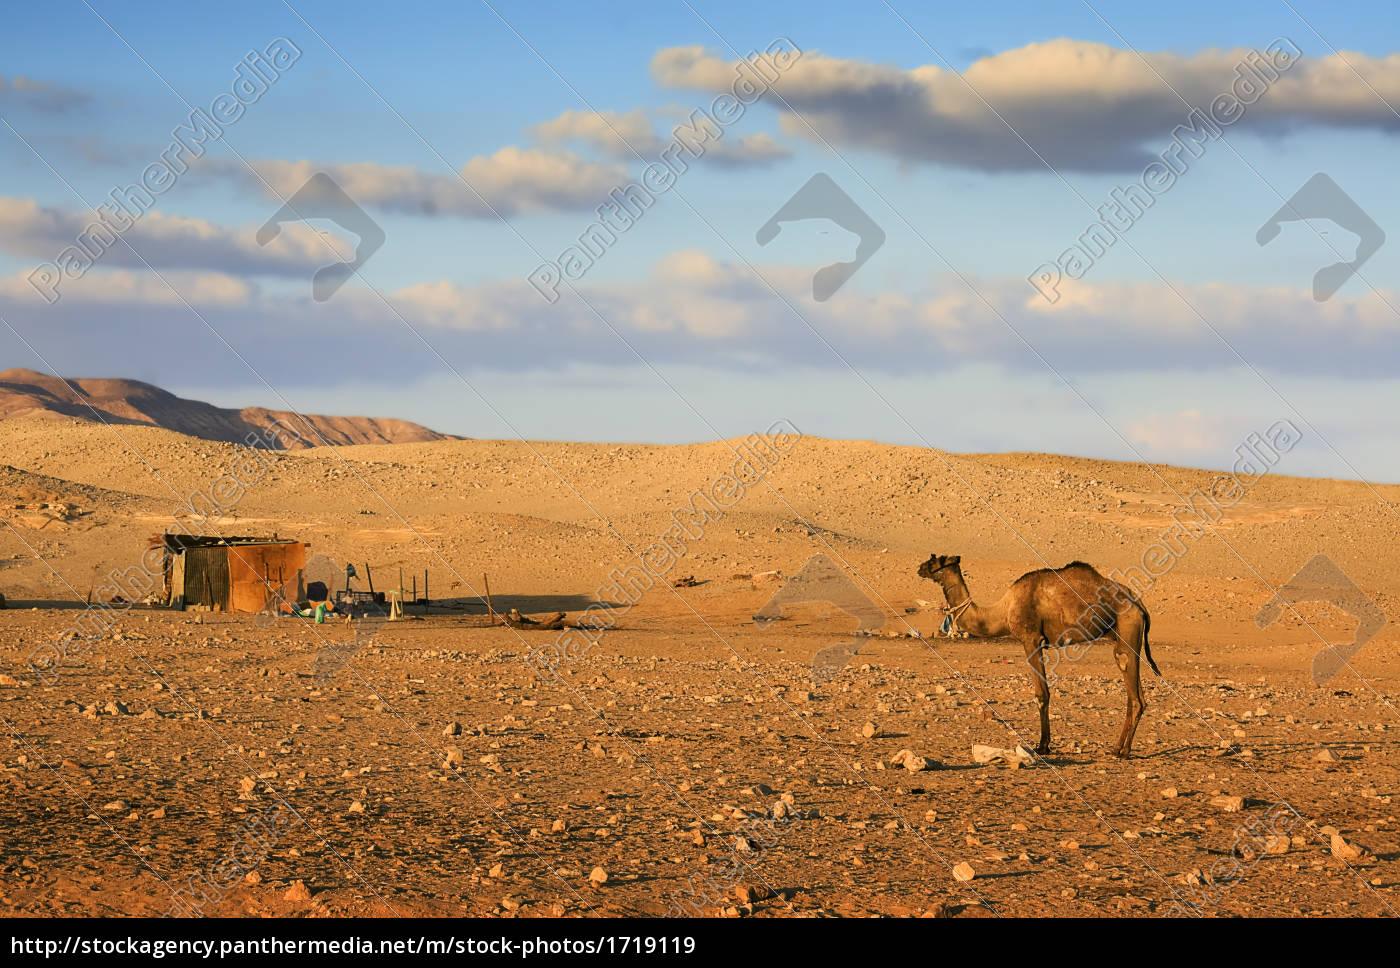 beduins, life - 1719119